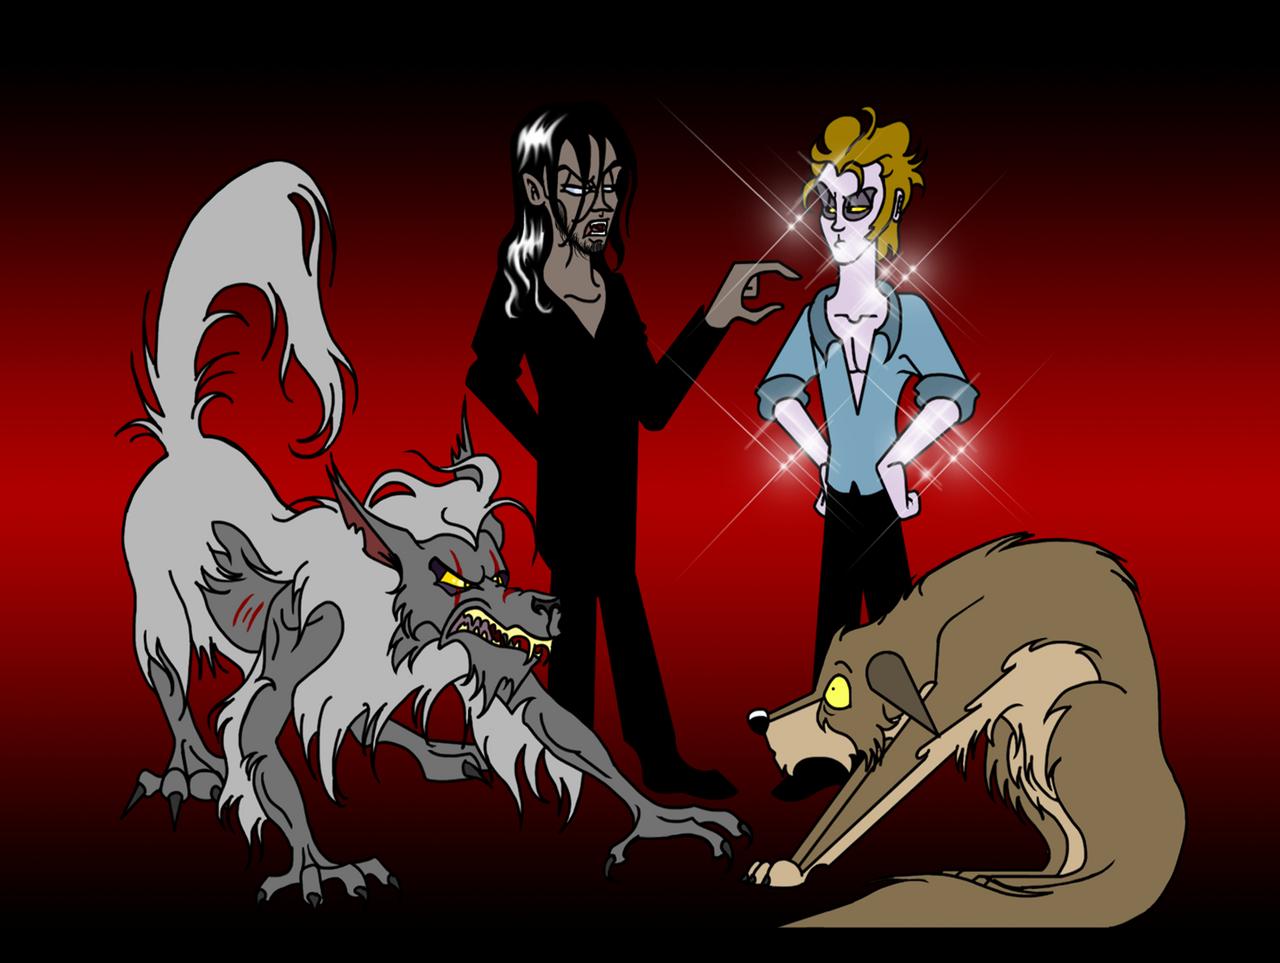 Vampires and Werewolves by unicorn-skydancer08 on DeviantArt